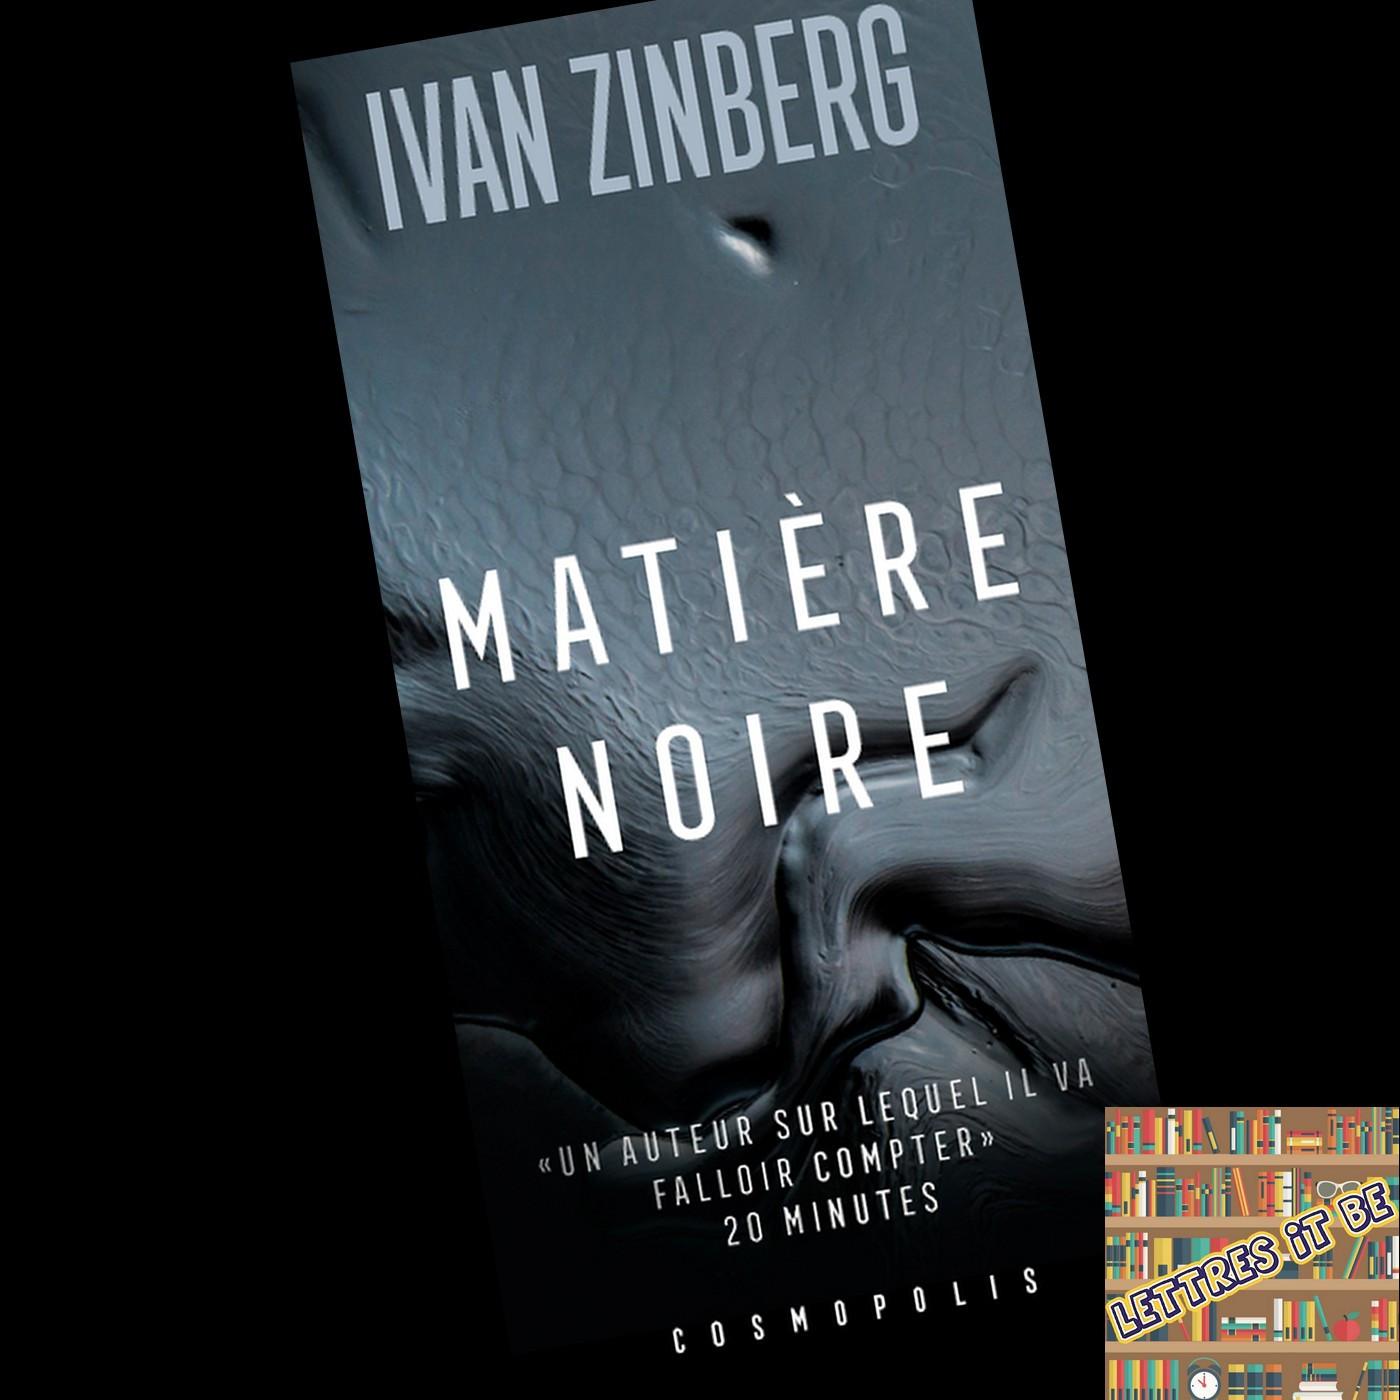 Critique de Matière noire d'Ivan Zinberg (Livre)